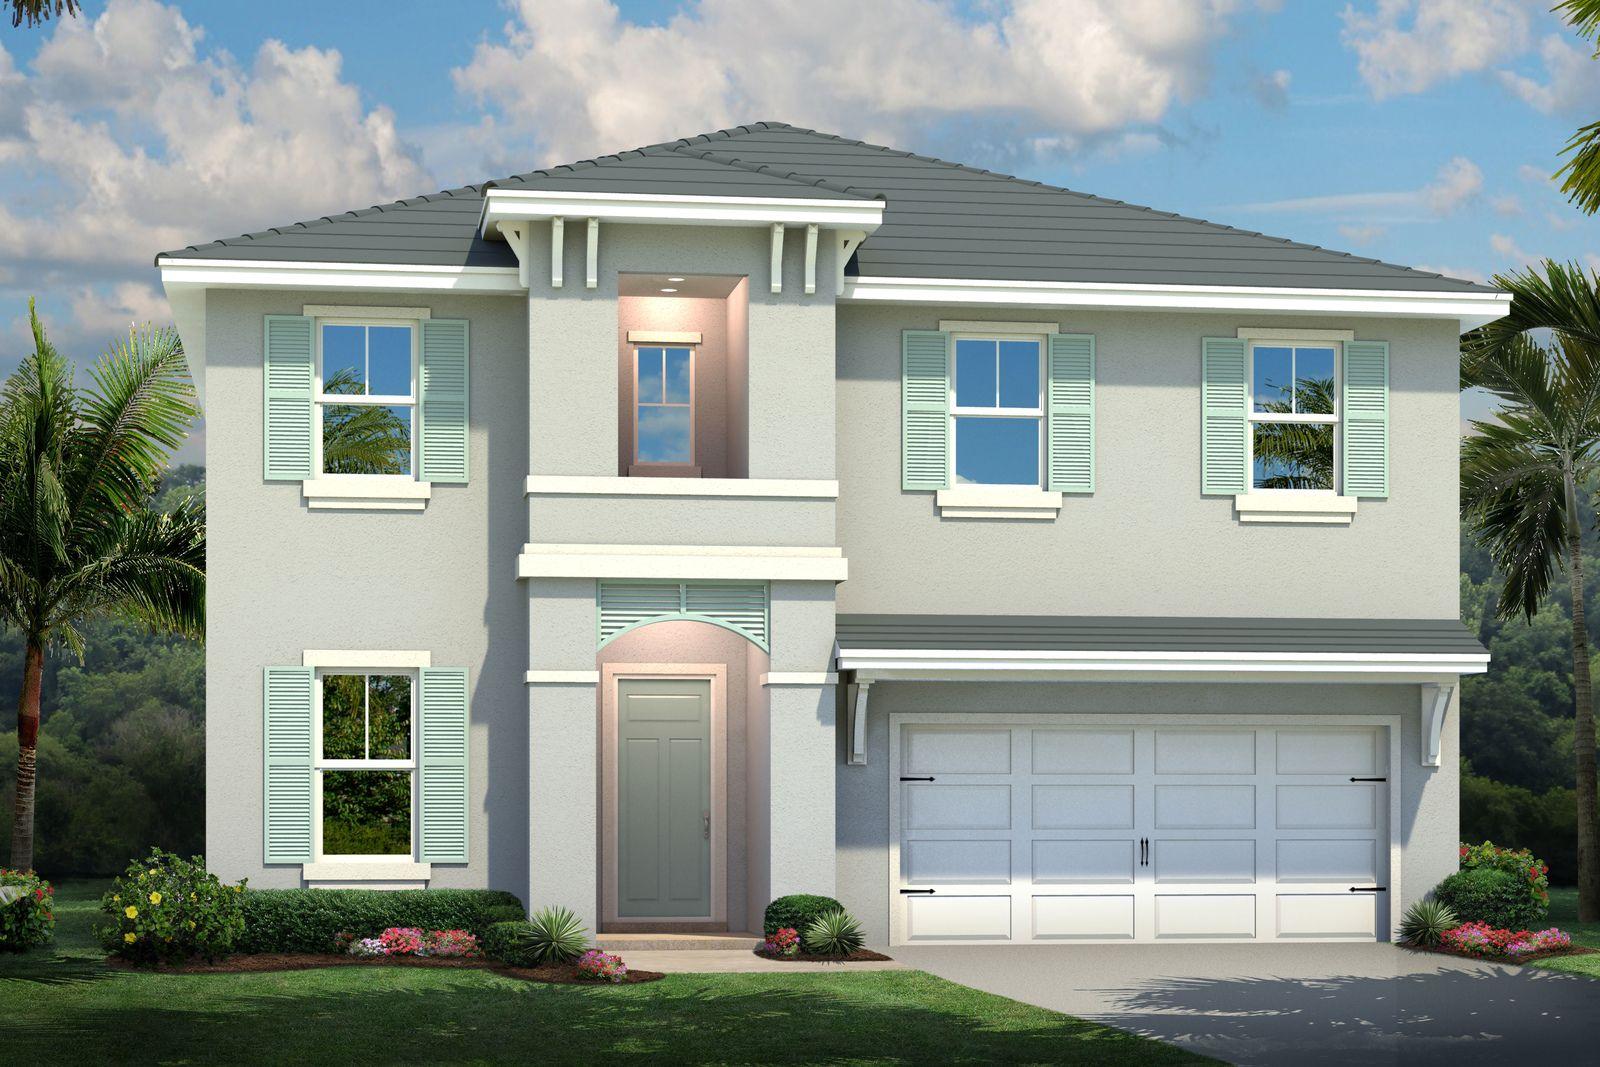 Single Family for Active at Banyan Bay - Barkley 4872 Sw Millbrook Lane Stuart, Florida 34997 United States